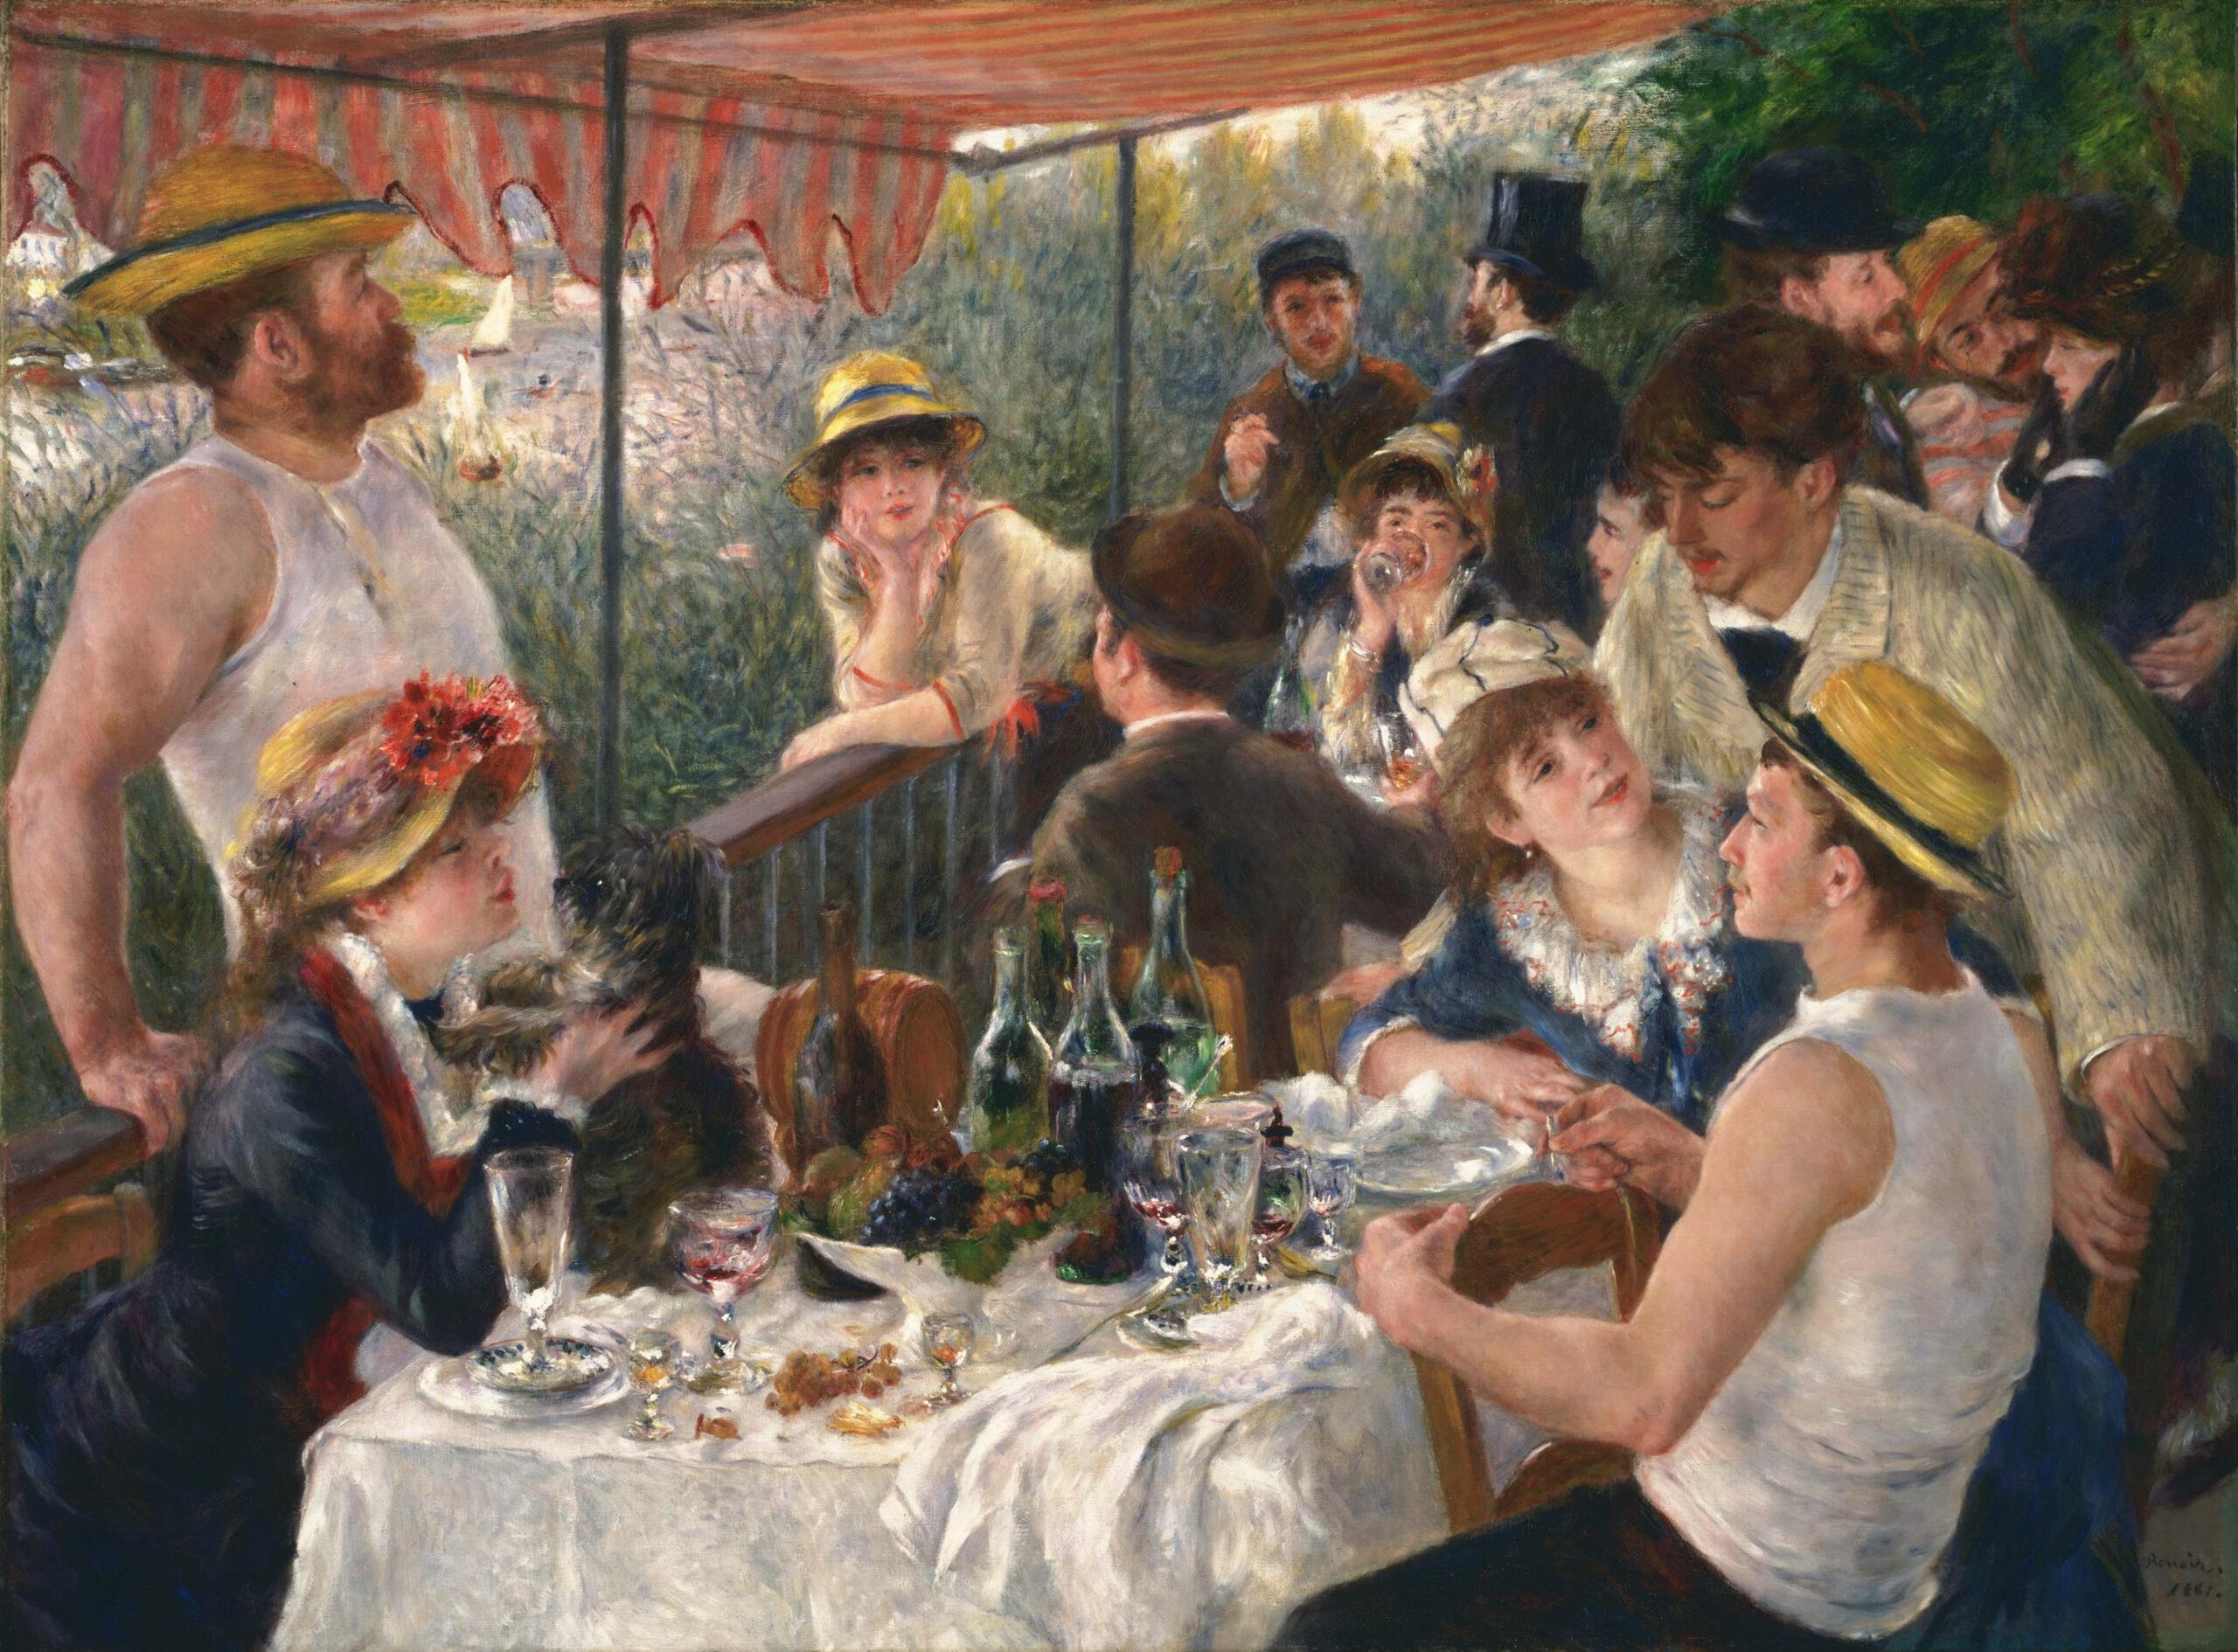 Storie di vita nella storia dell'arte: 5 romanzi di Susan Vreeland da leggere, da Artemisia a Vermeer